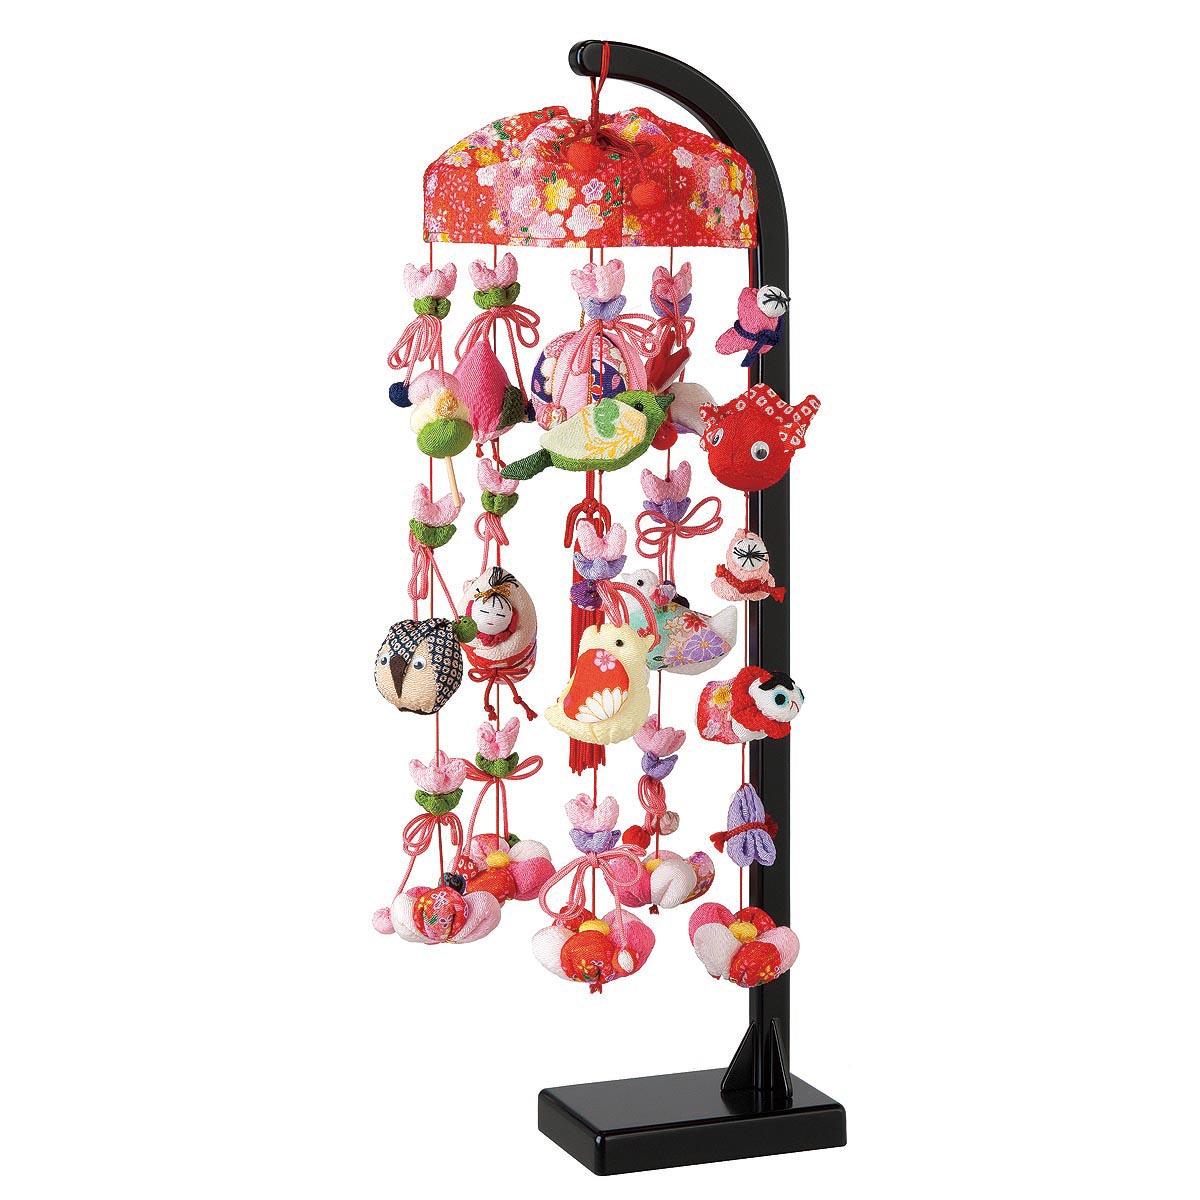 雪割草 スタンド付 TRS-H-332405送料無料 ※北海道 沖縄は除く つるし雛 吊るし飾り で 桃の節句 雛祭り ひな祭り 雛人形 のお祝いに